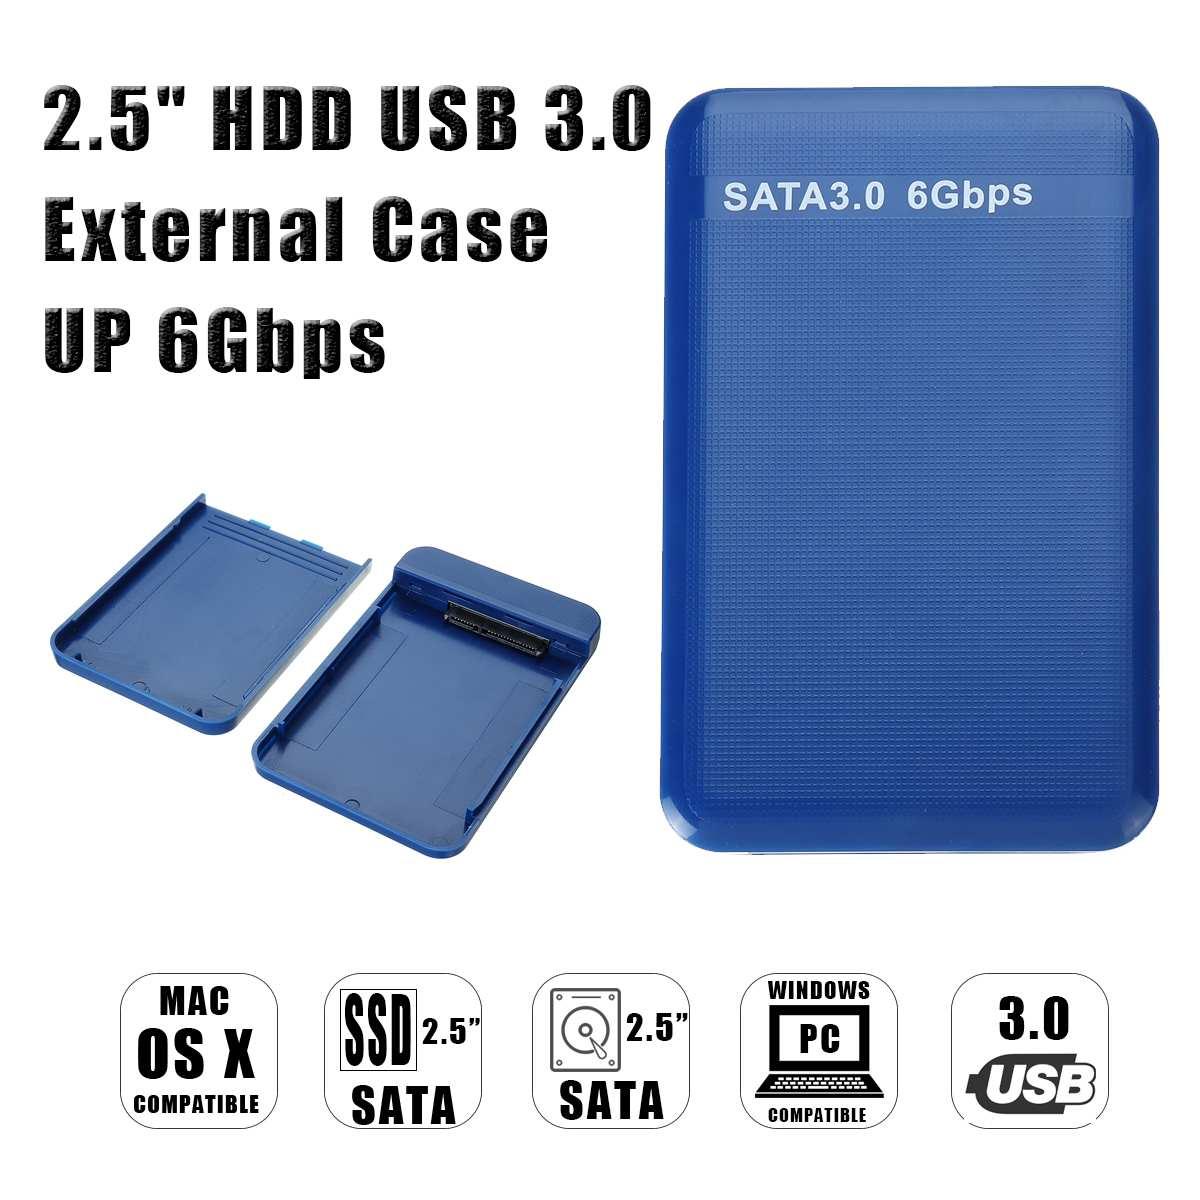 Capa de Disco Polegada Sata Disco Rígido Externo Gabinete Hdd Ssd Case 6 Gbps 2.5 Usb 3.0